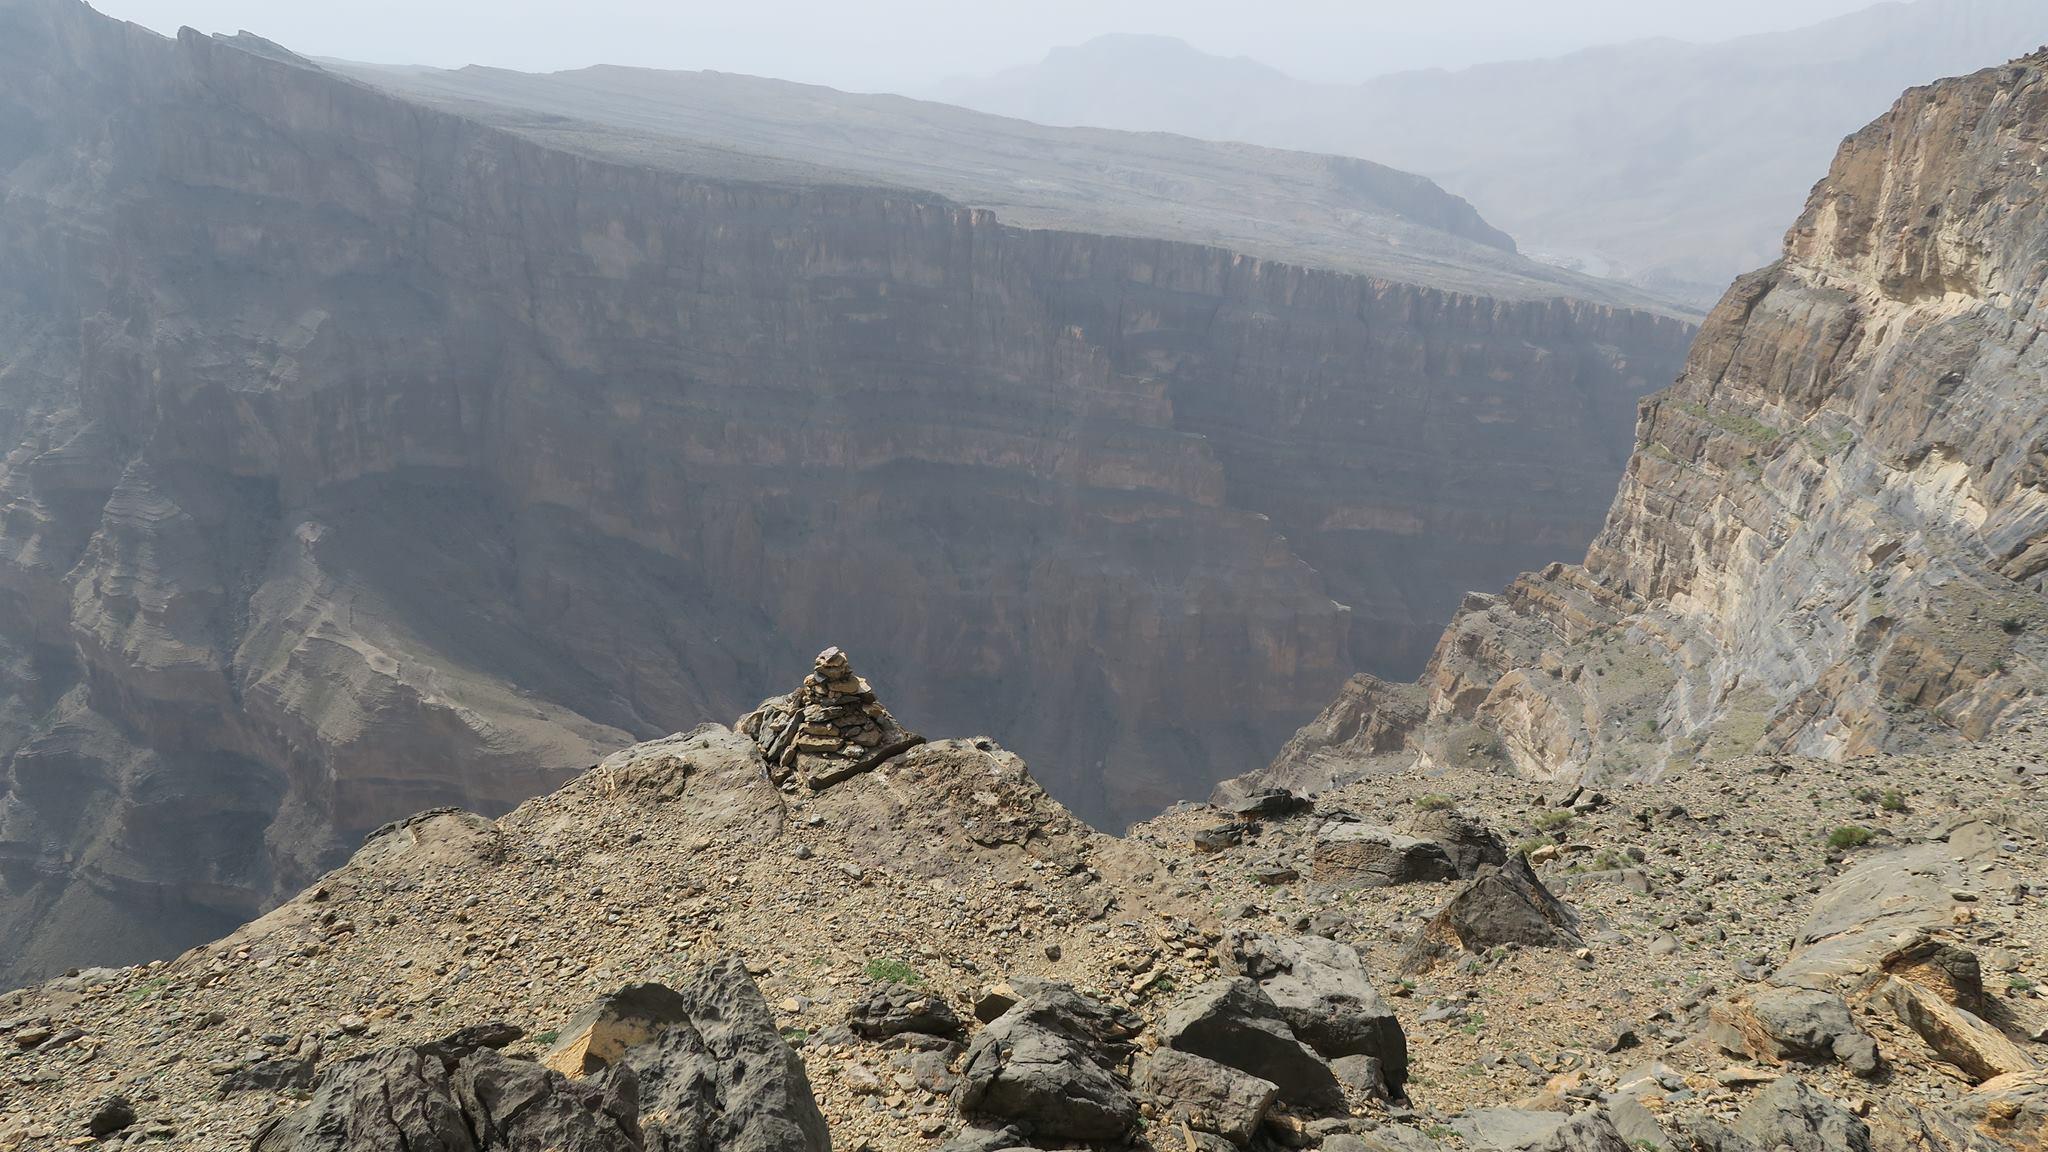 Meet Guendy-Oman